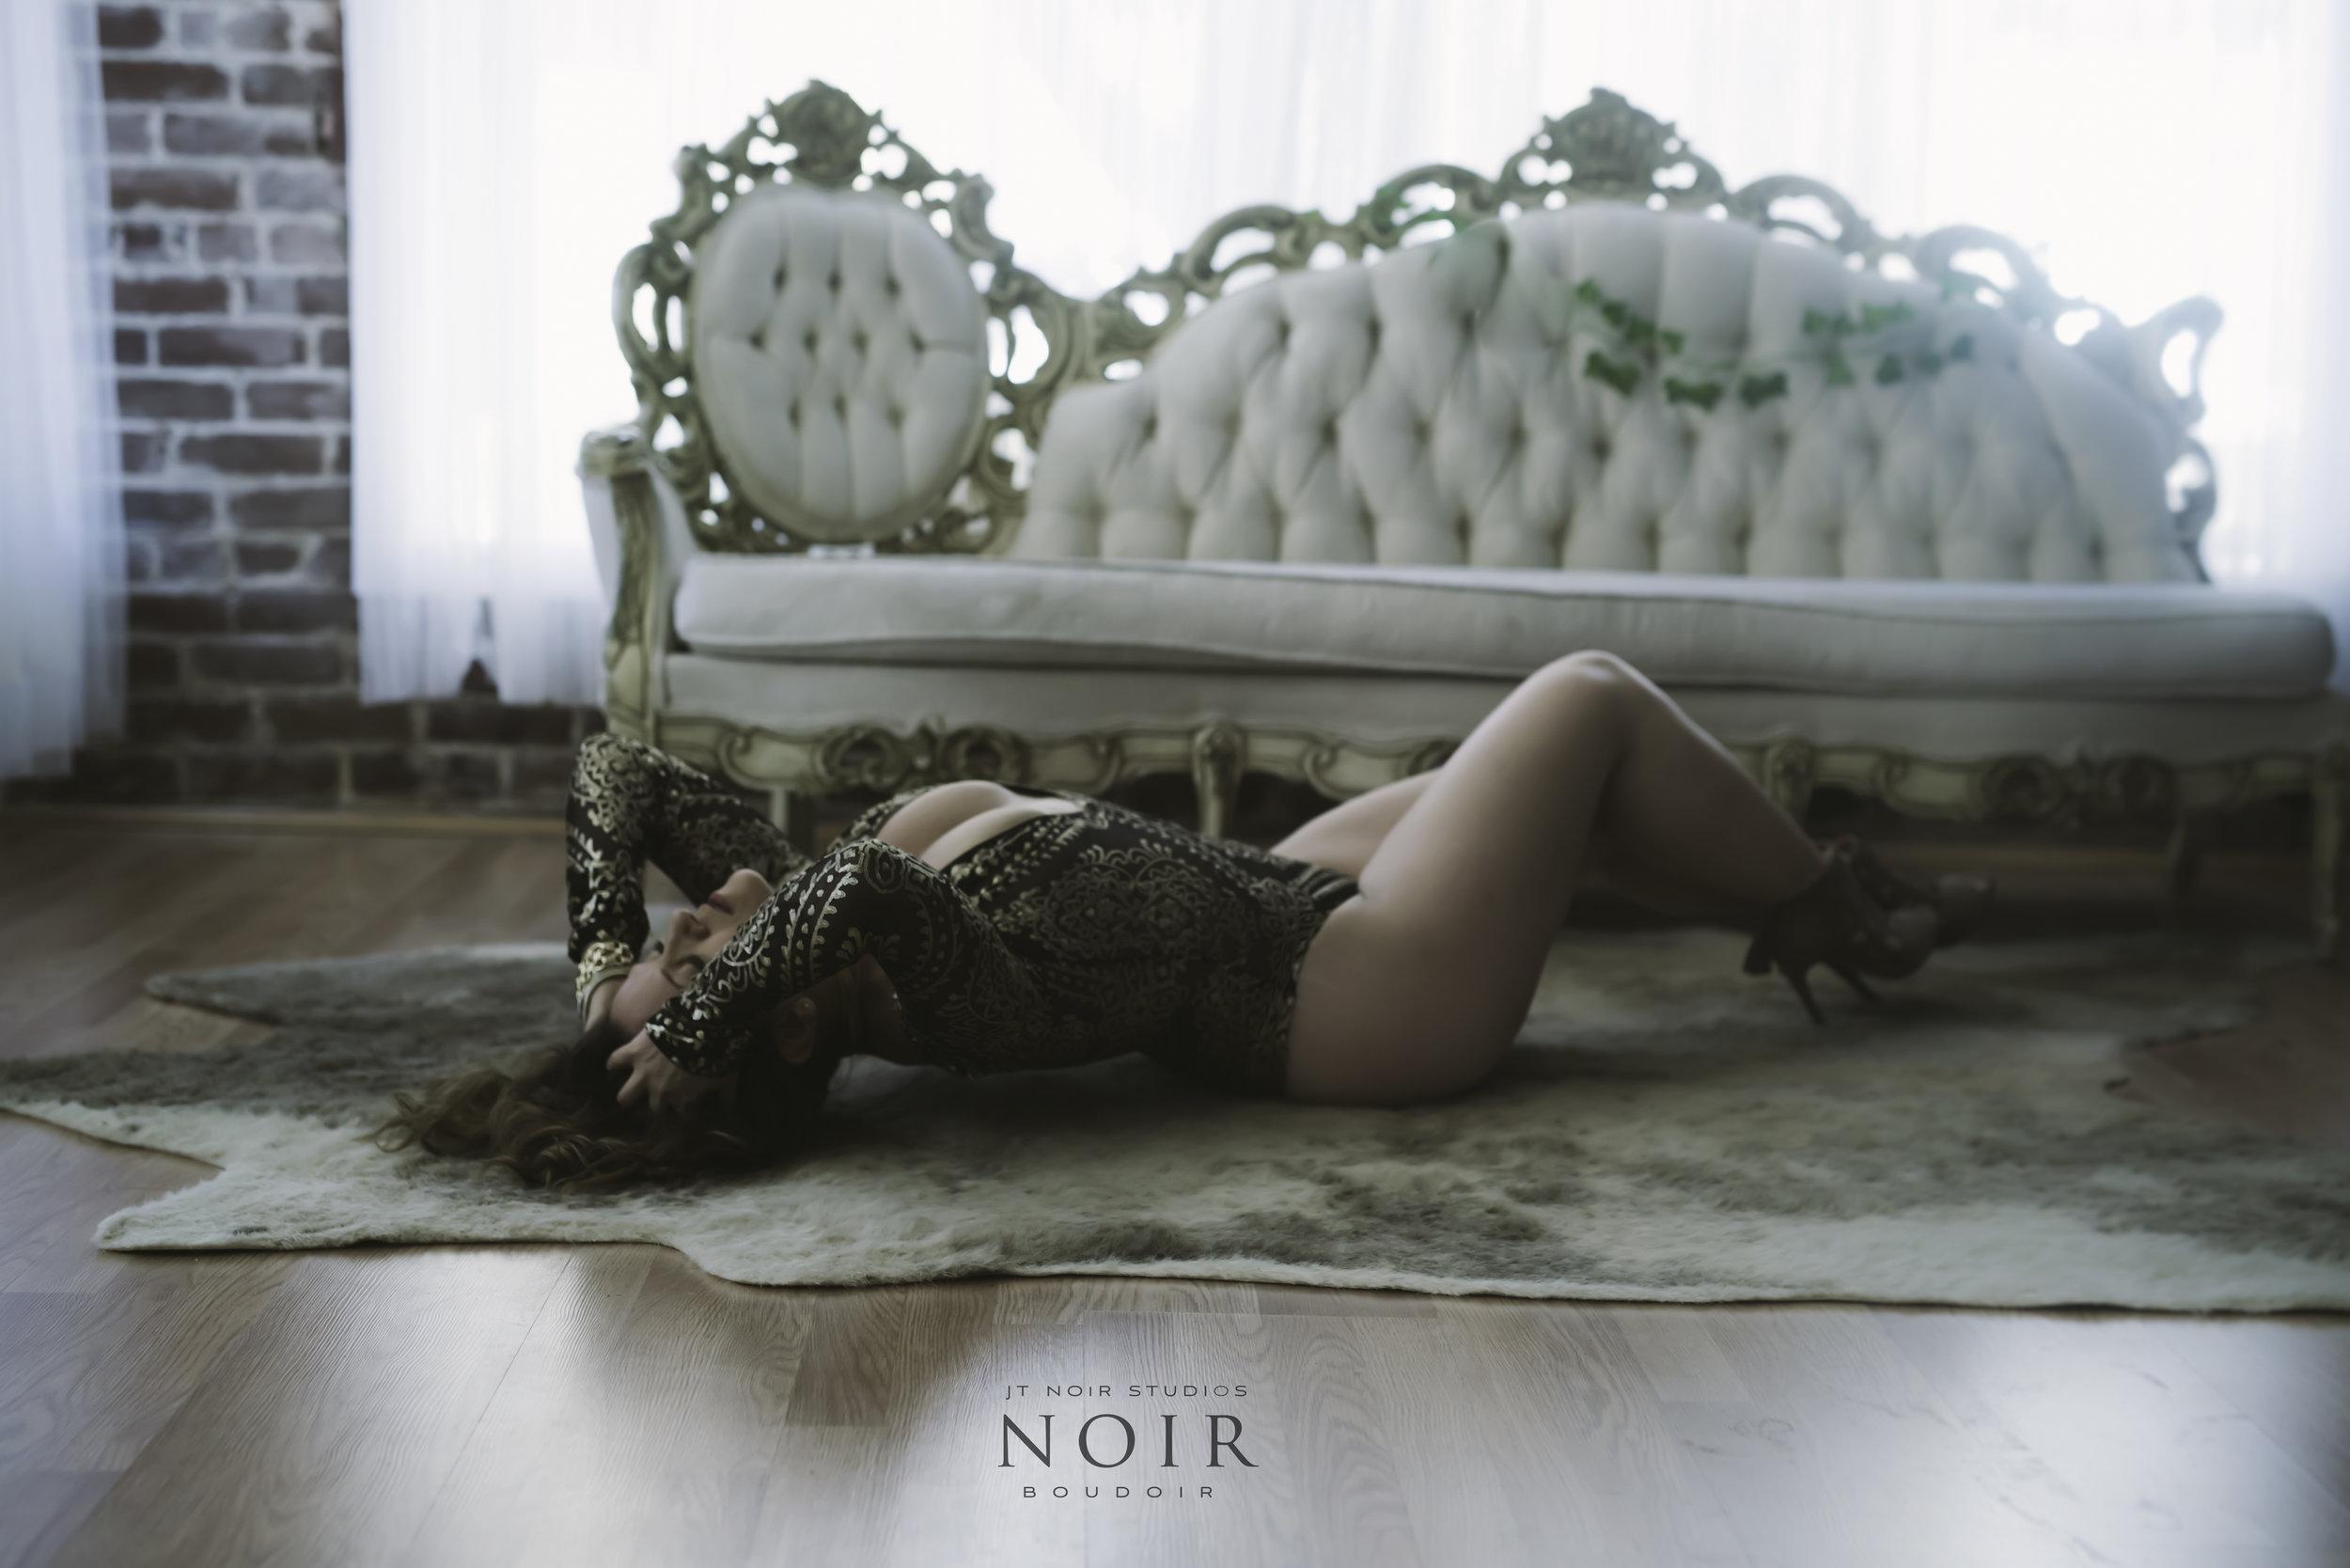 JTNoirStudios_Christie_Boudoir_Floor_Bodysuit .jpg